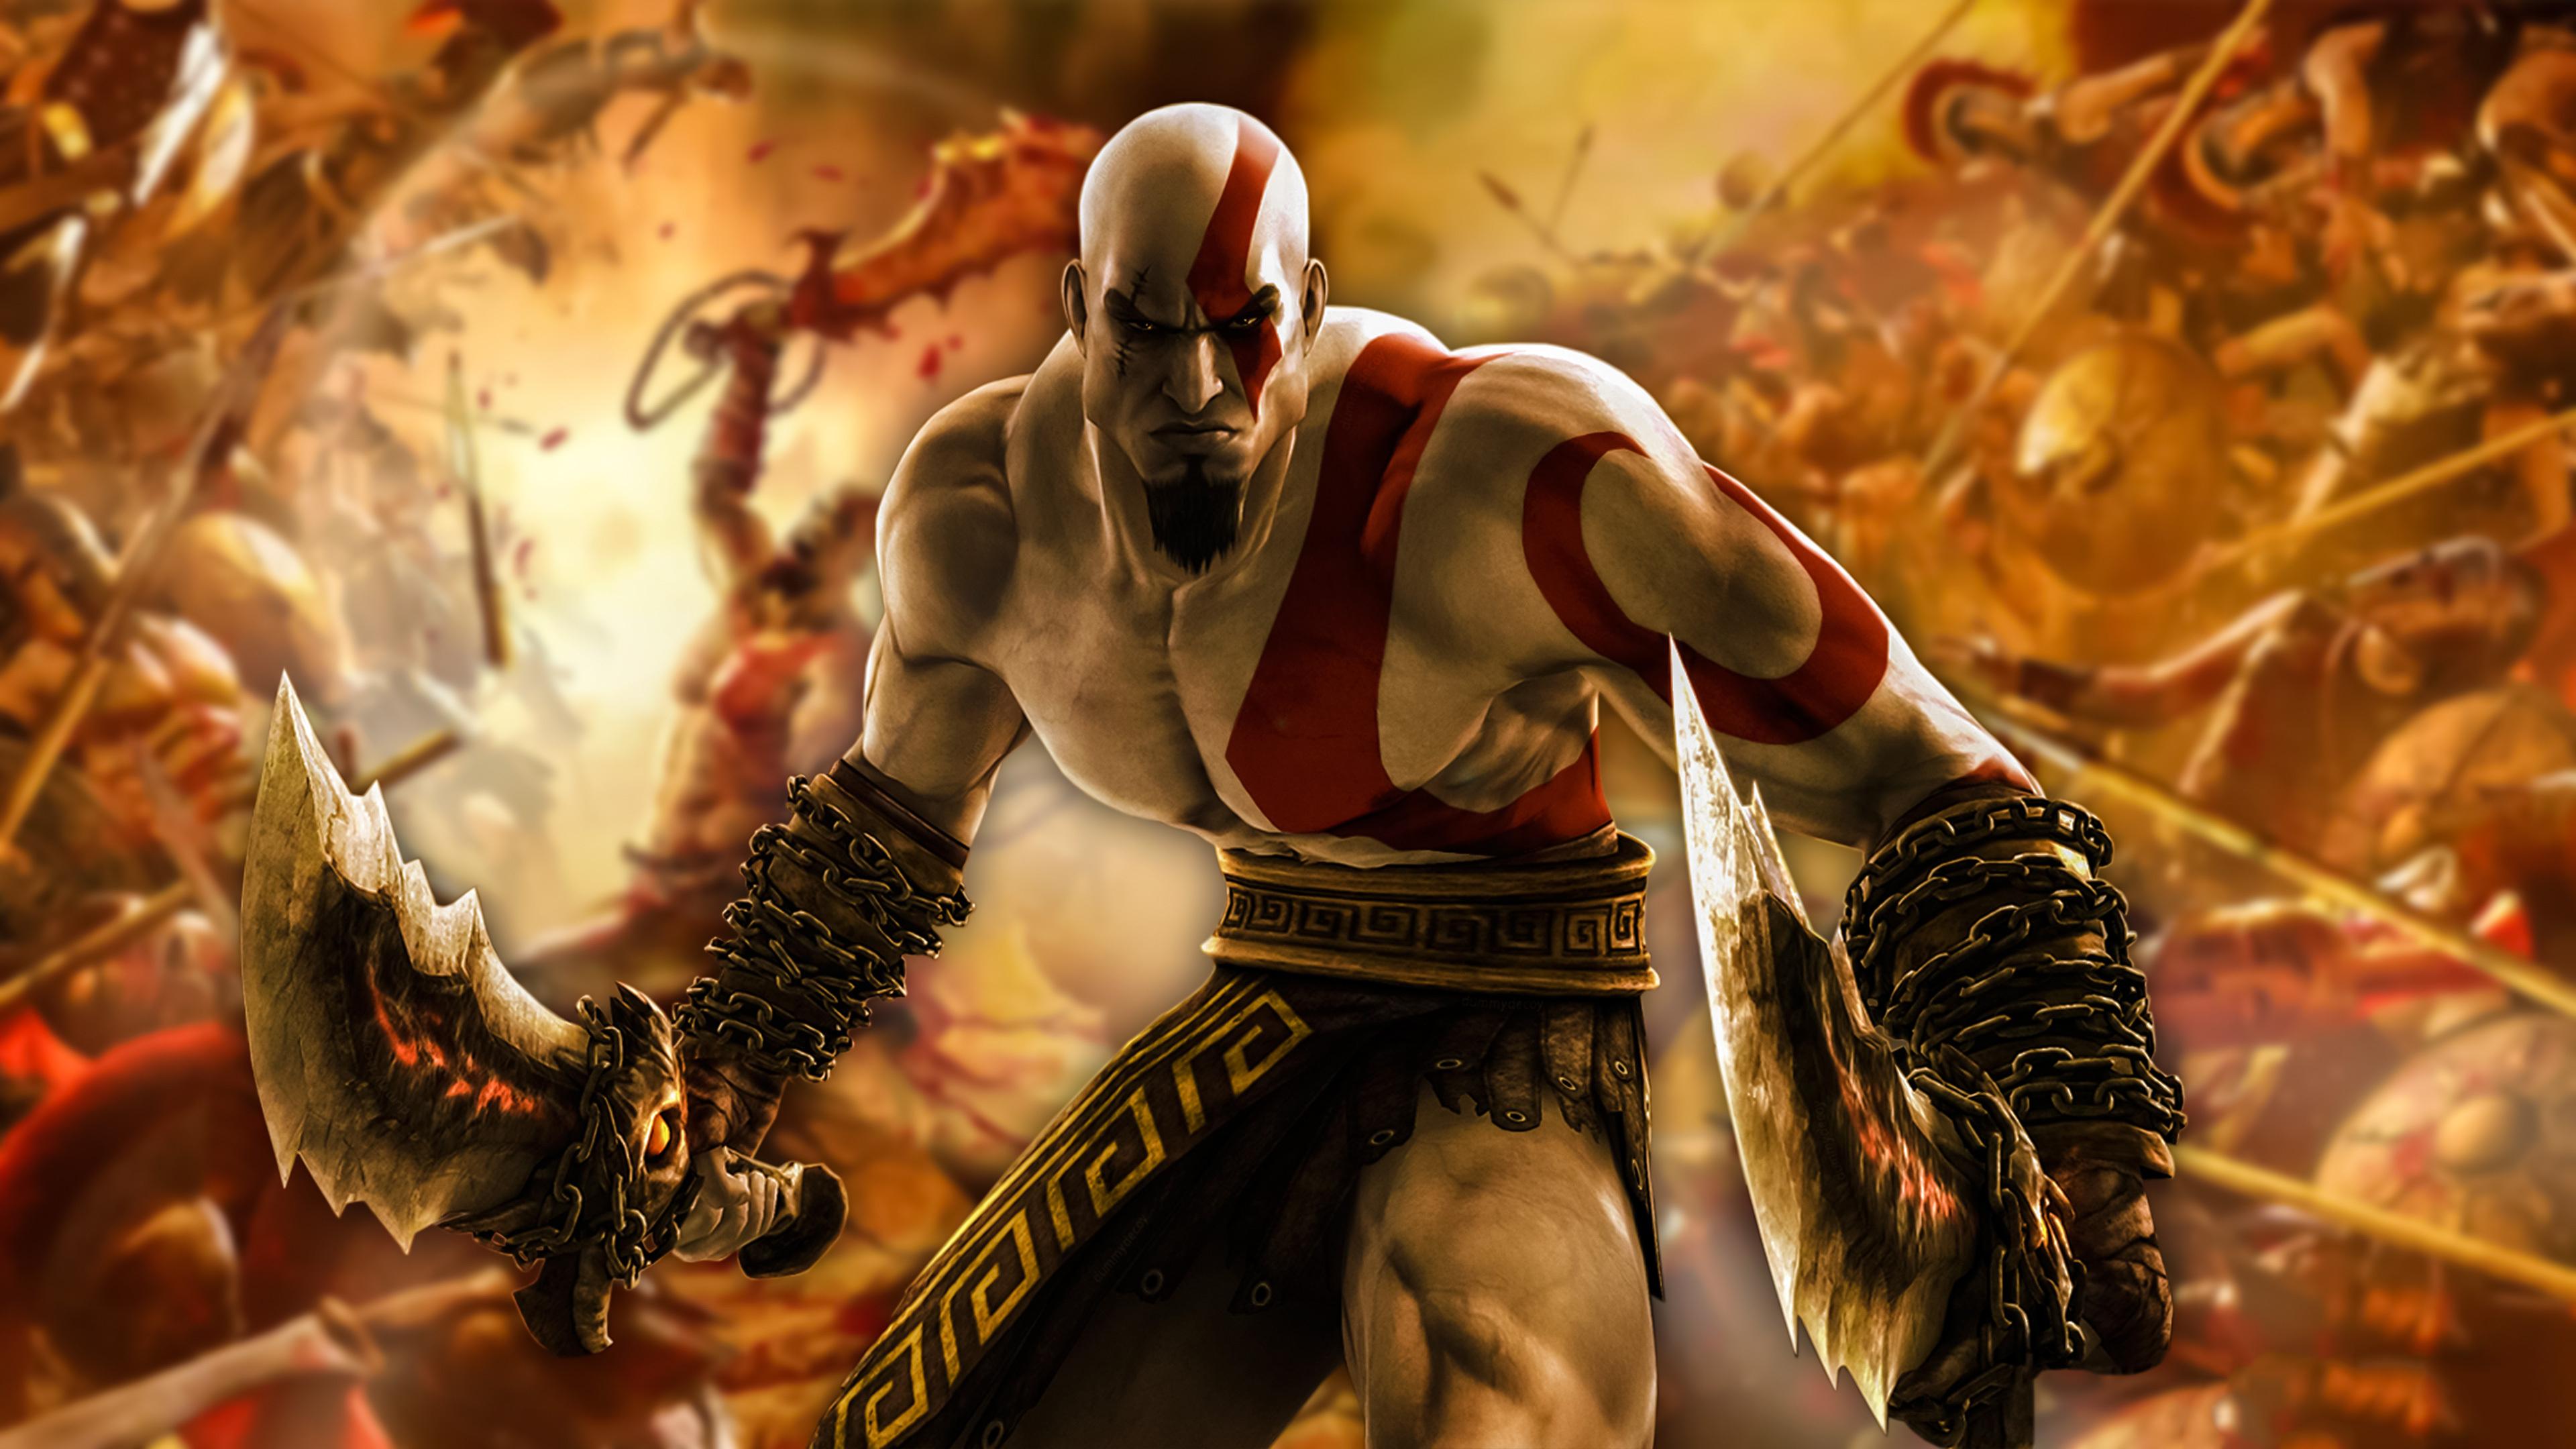 kratos-god-of-war-4k-game-p3.jpg